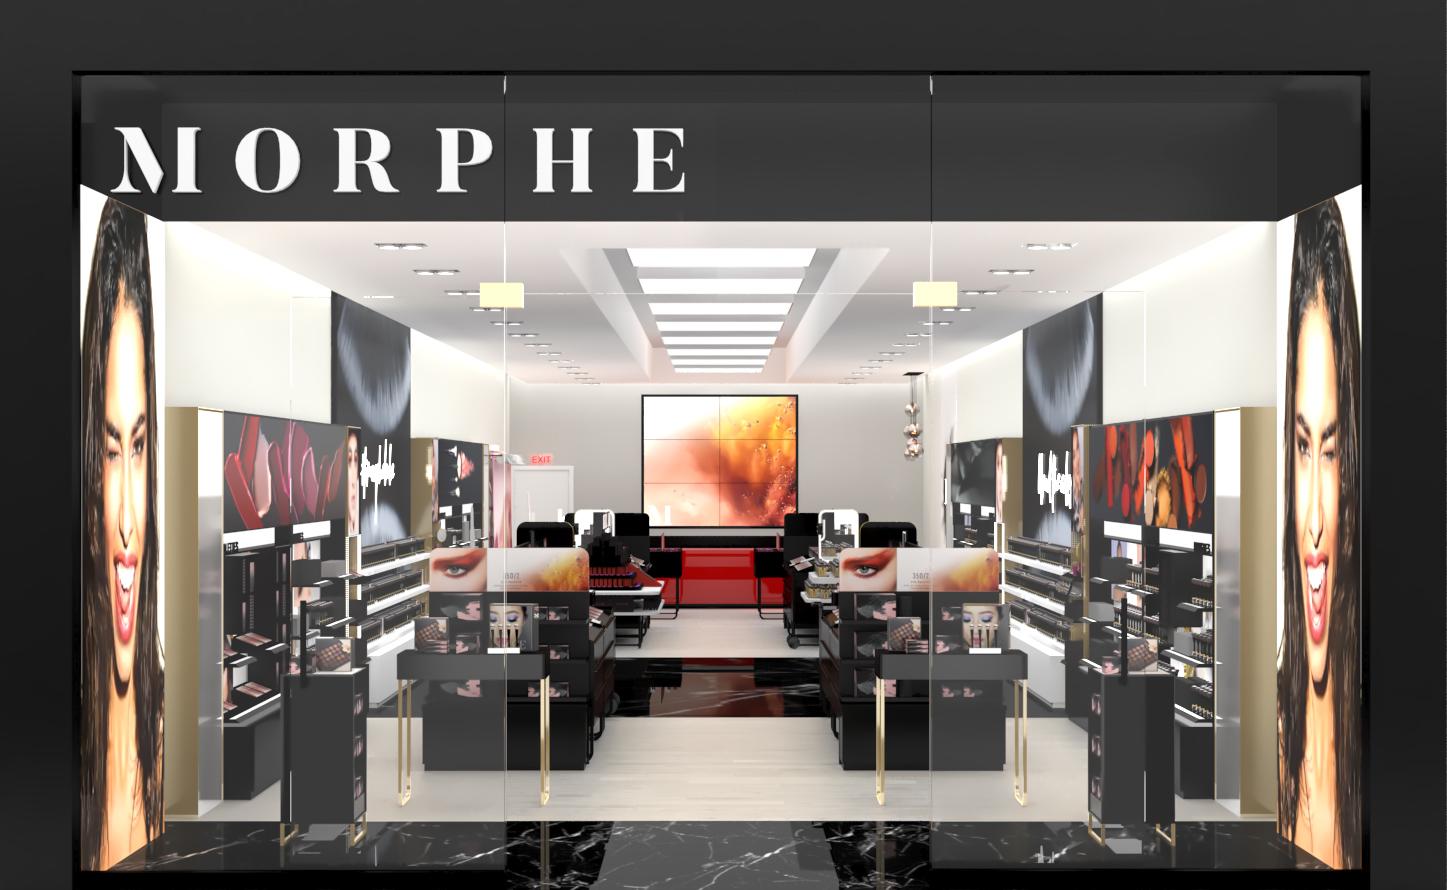 Morphe Interior Shop Design Final Concept